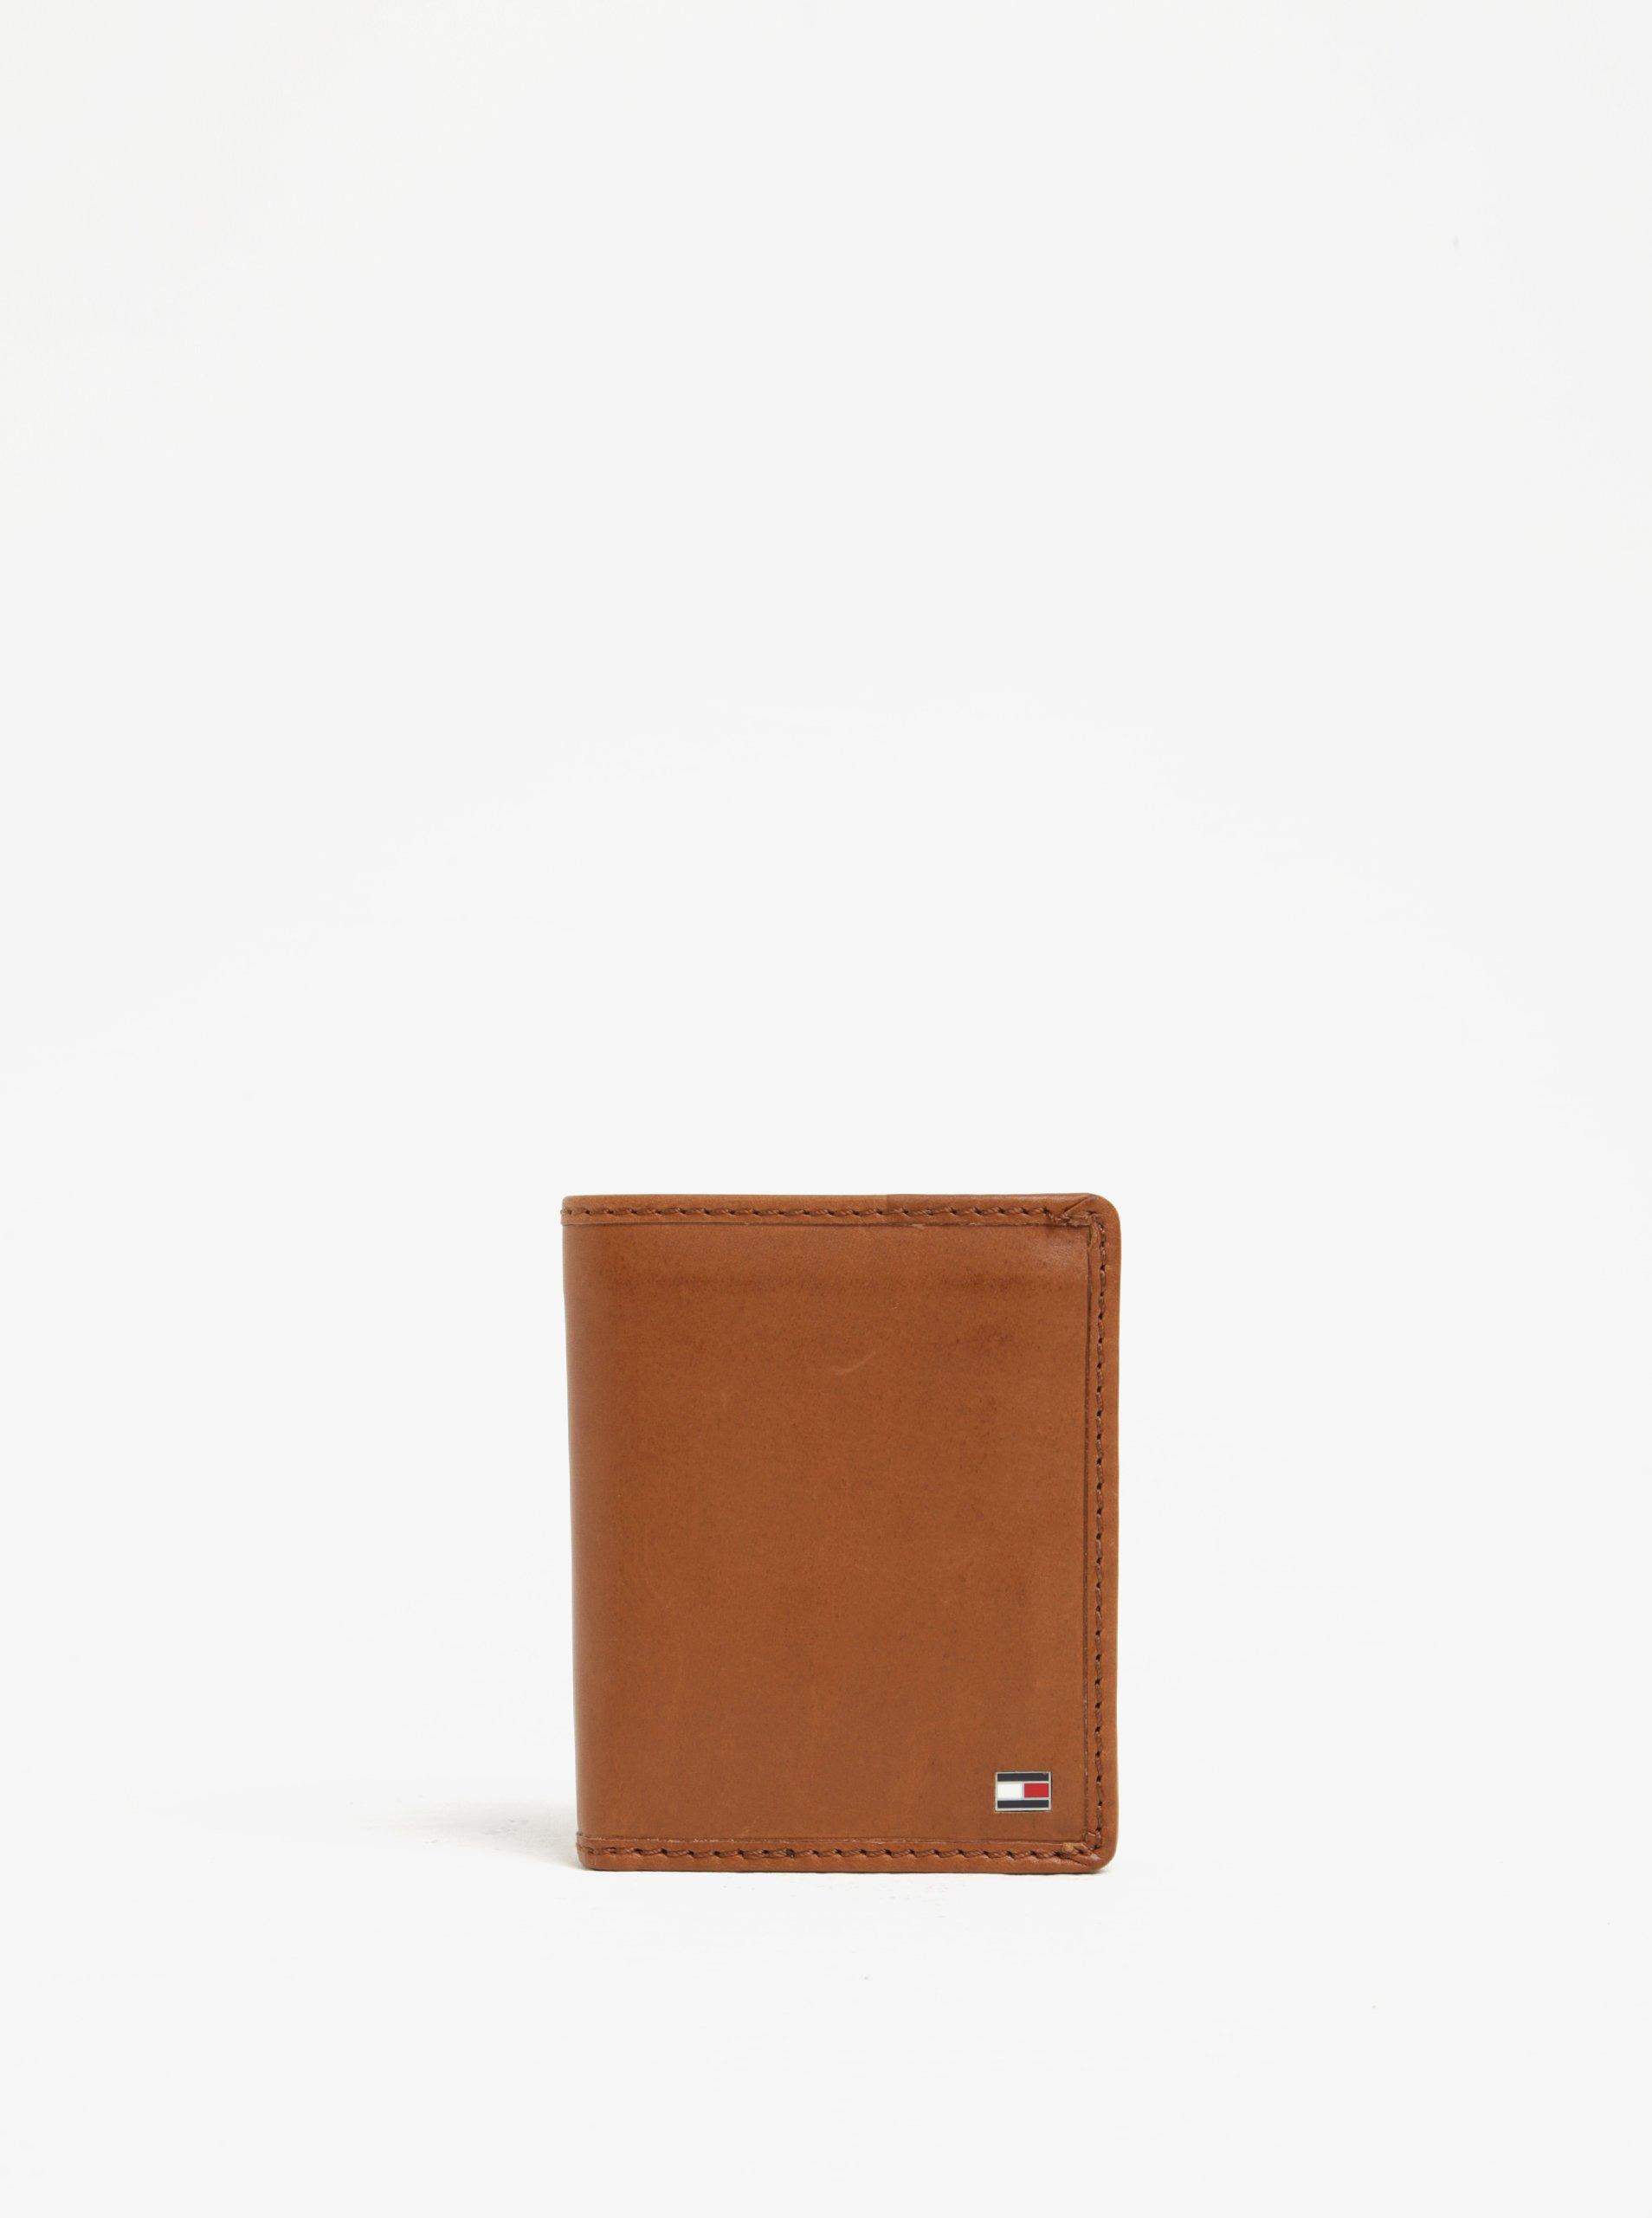 Malá hnědá pánská kožená peněženka Tommy Hilfiger